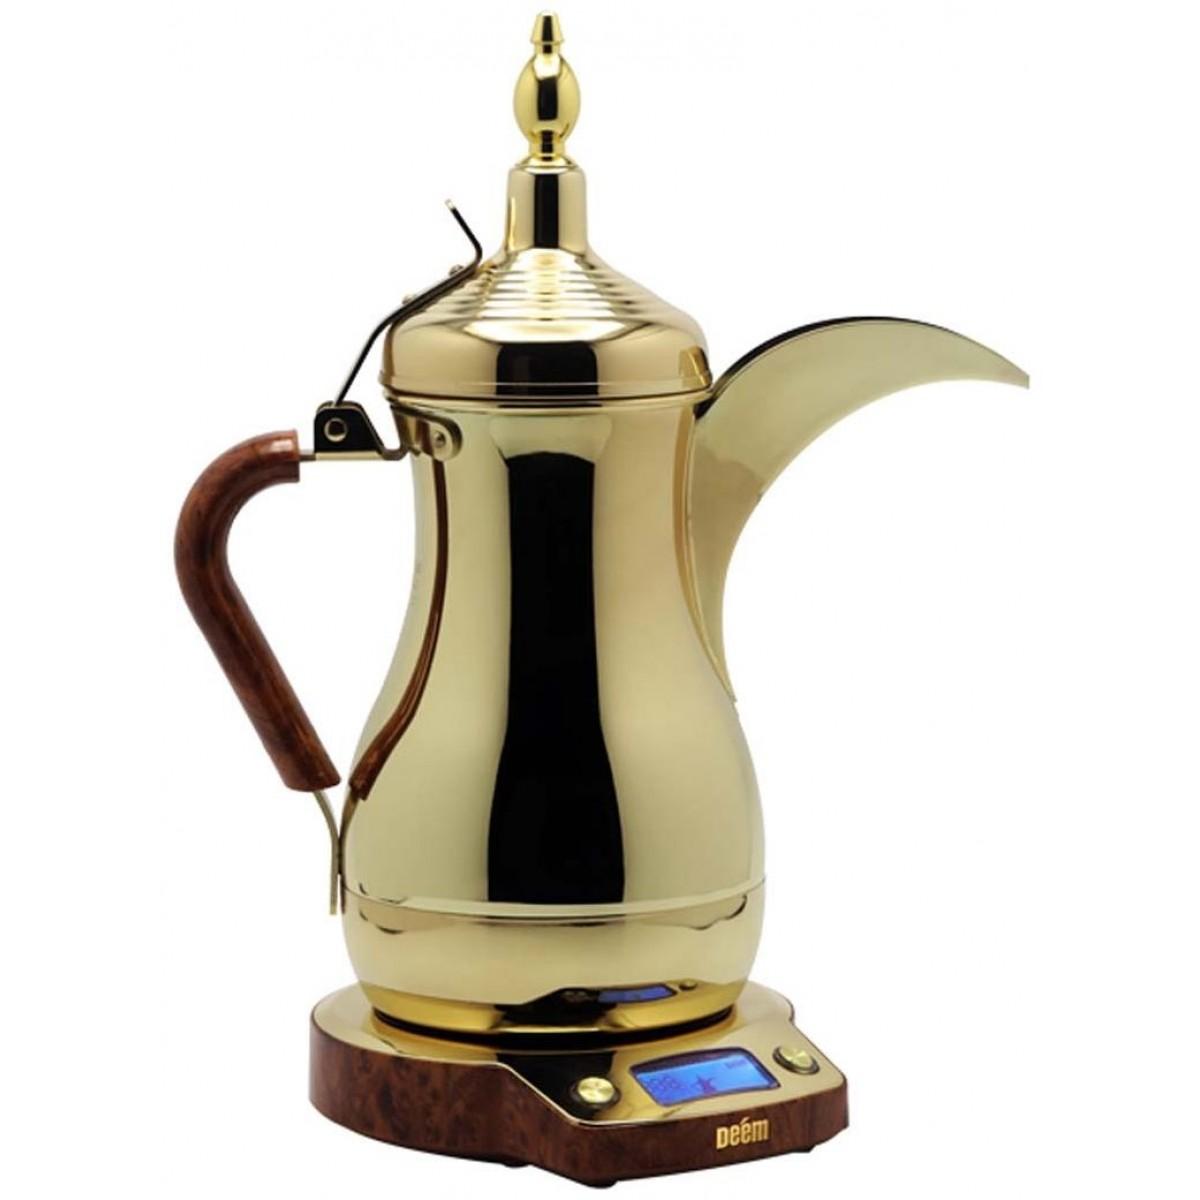 دله ديم الكهربائيه الذهبيه للقهوه العربيه 1000مل